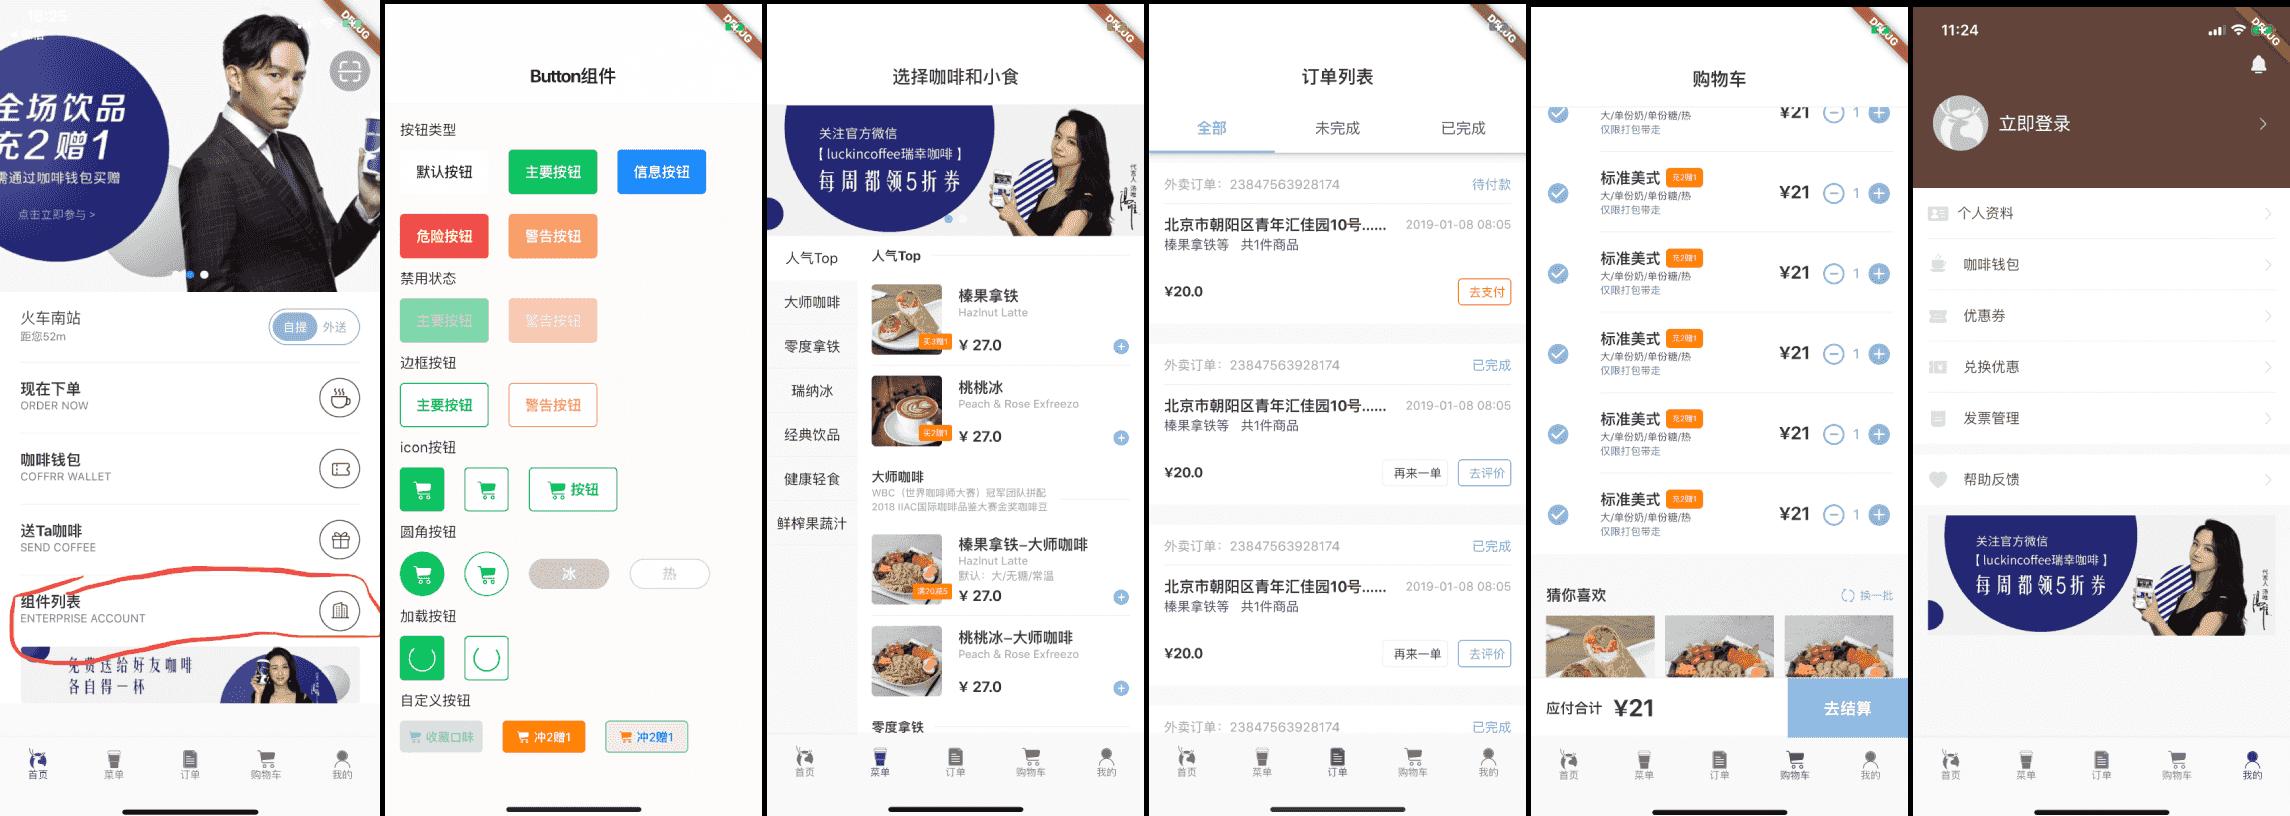 app_head